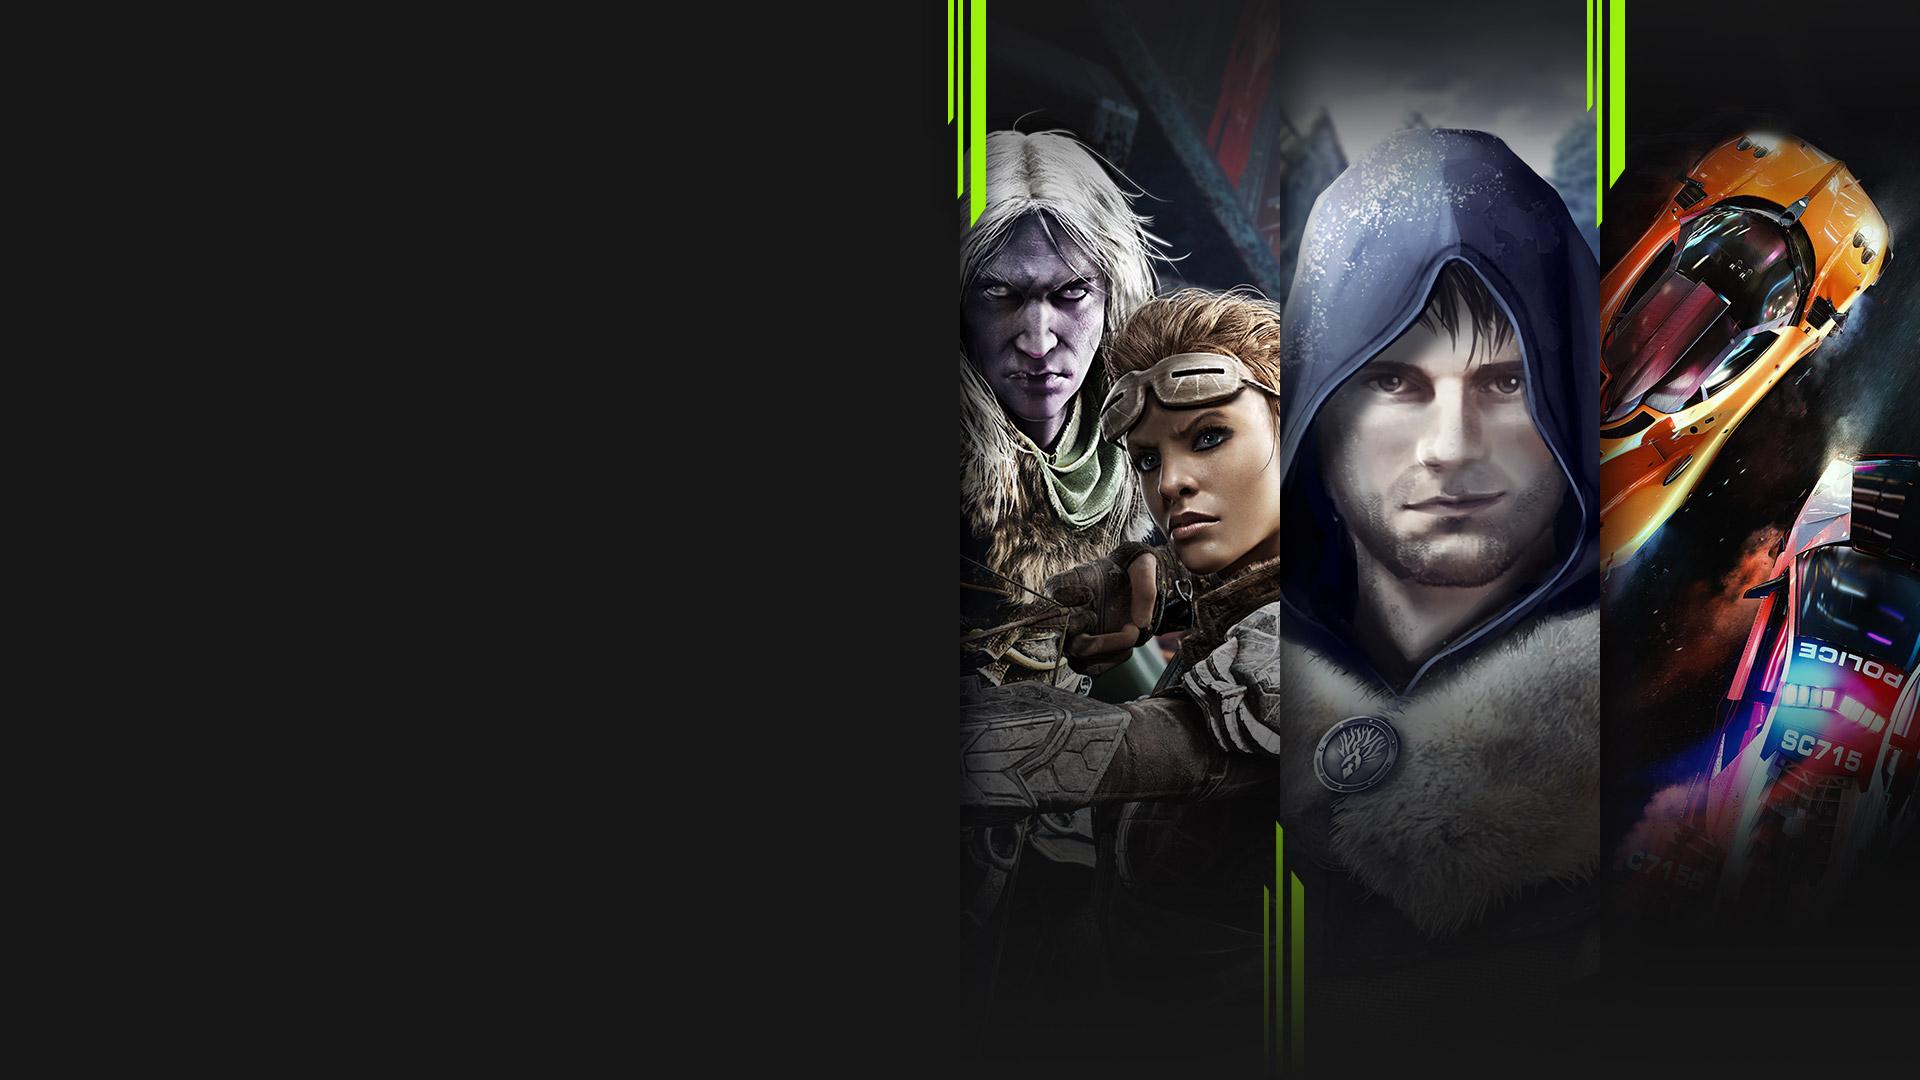 Game-Art zu mehreren Spielen, die jetzt mit Xbox Game Pass erhältlich sind, darunter Dungeons & Dragons: Dark Alliance, Medieval Dynasty, Need for Speed Hot Pursuit Remastered und Yakuza: Like a Dragon.